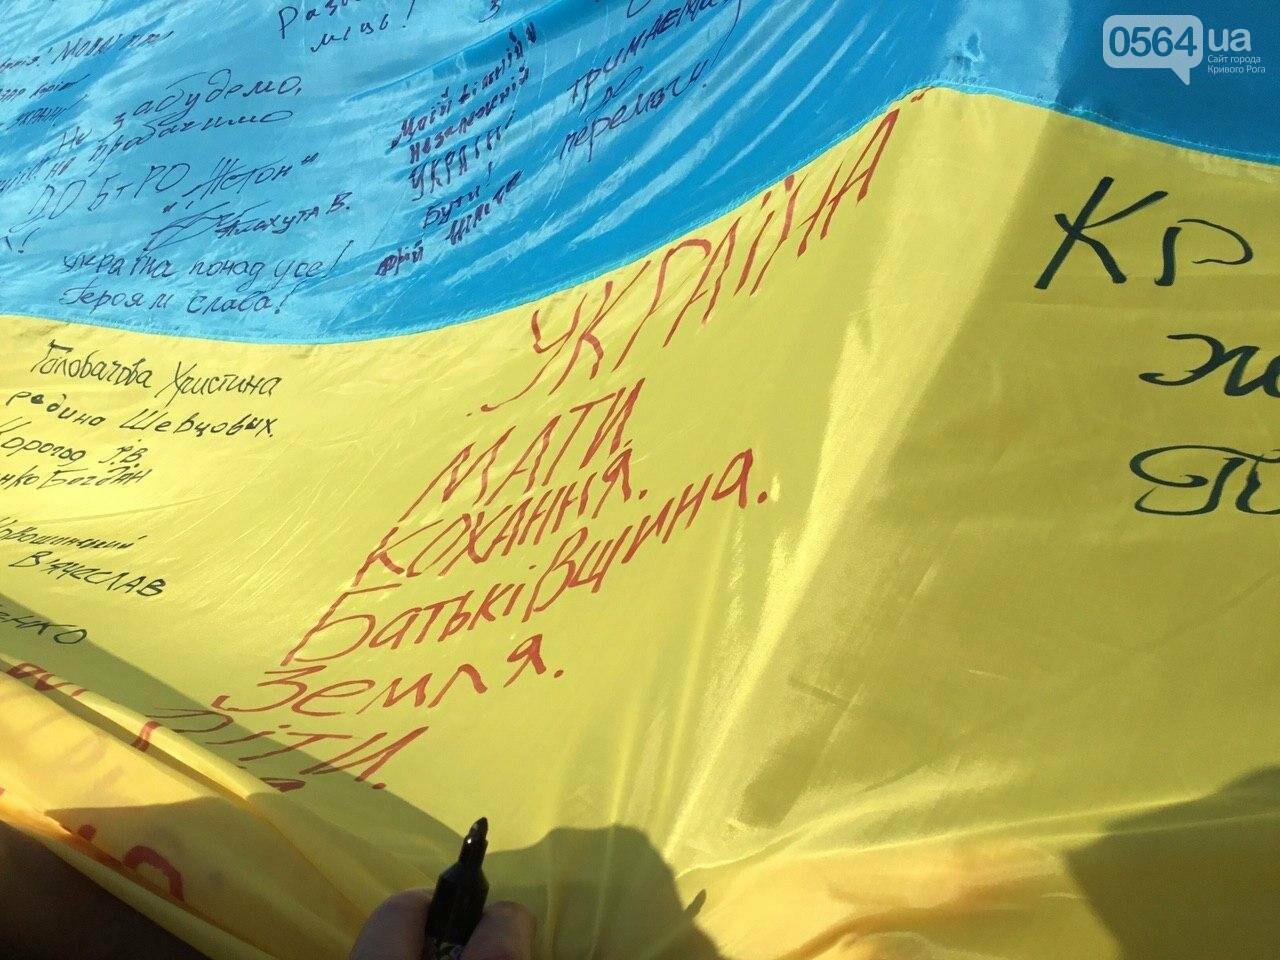 """""""Українці - брати, Разом ми - сила!"""", - какие пожелания и призывы написали криворожане на Знамени Единства, - ФОТО, ВИДЕО, фото-42"""